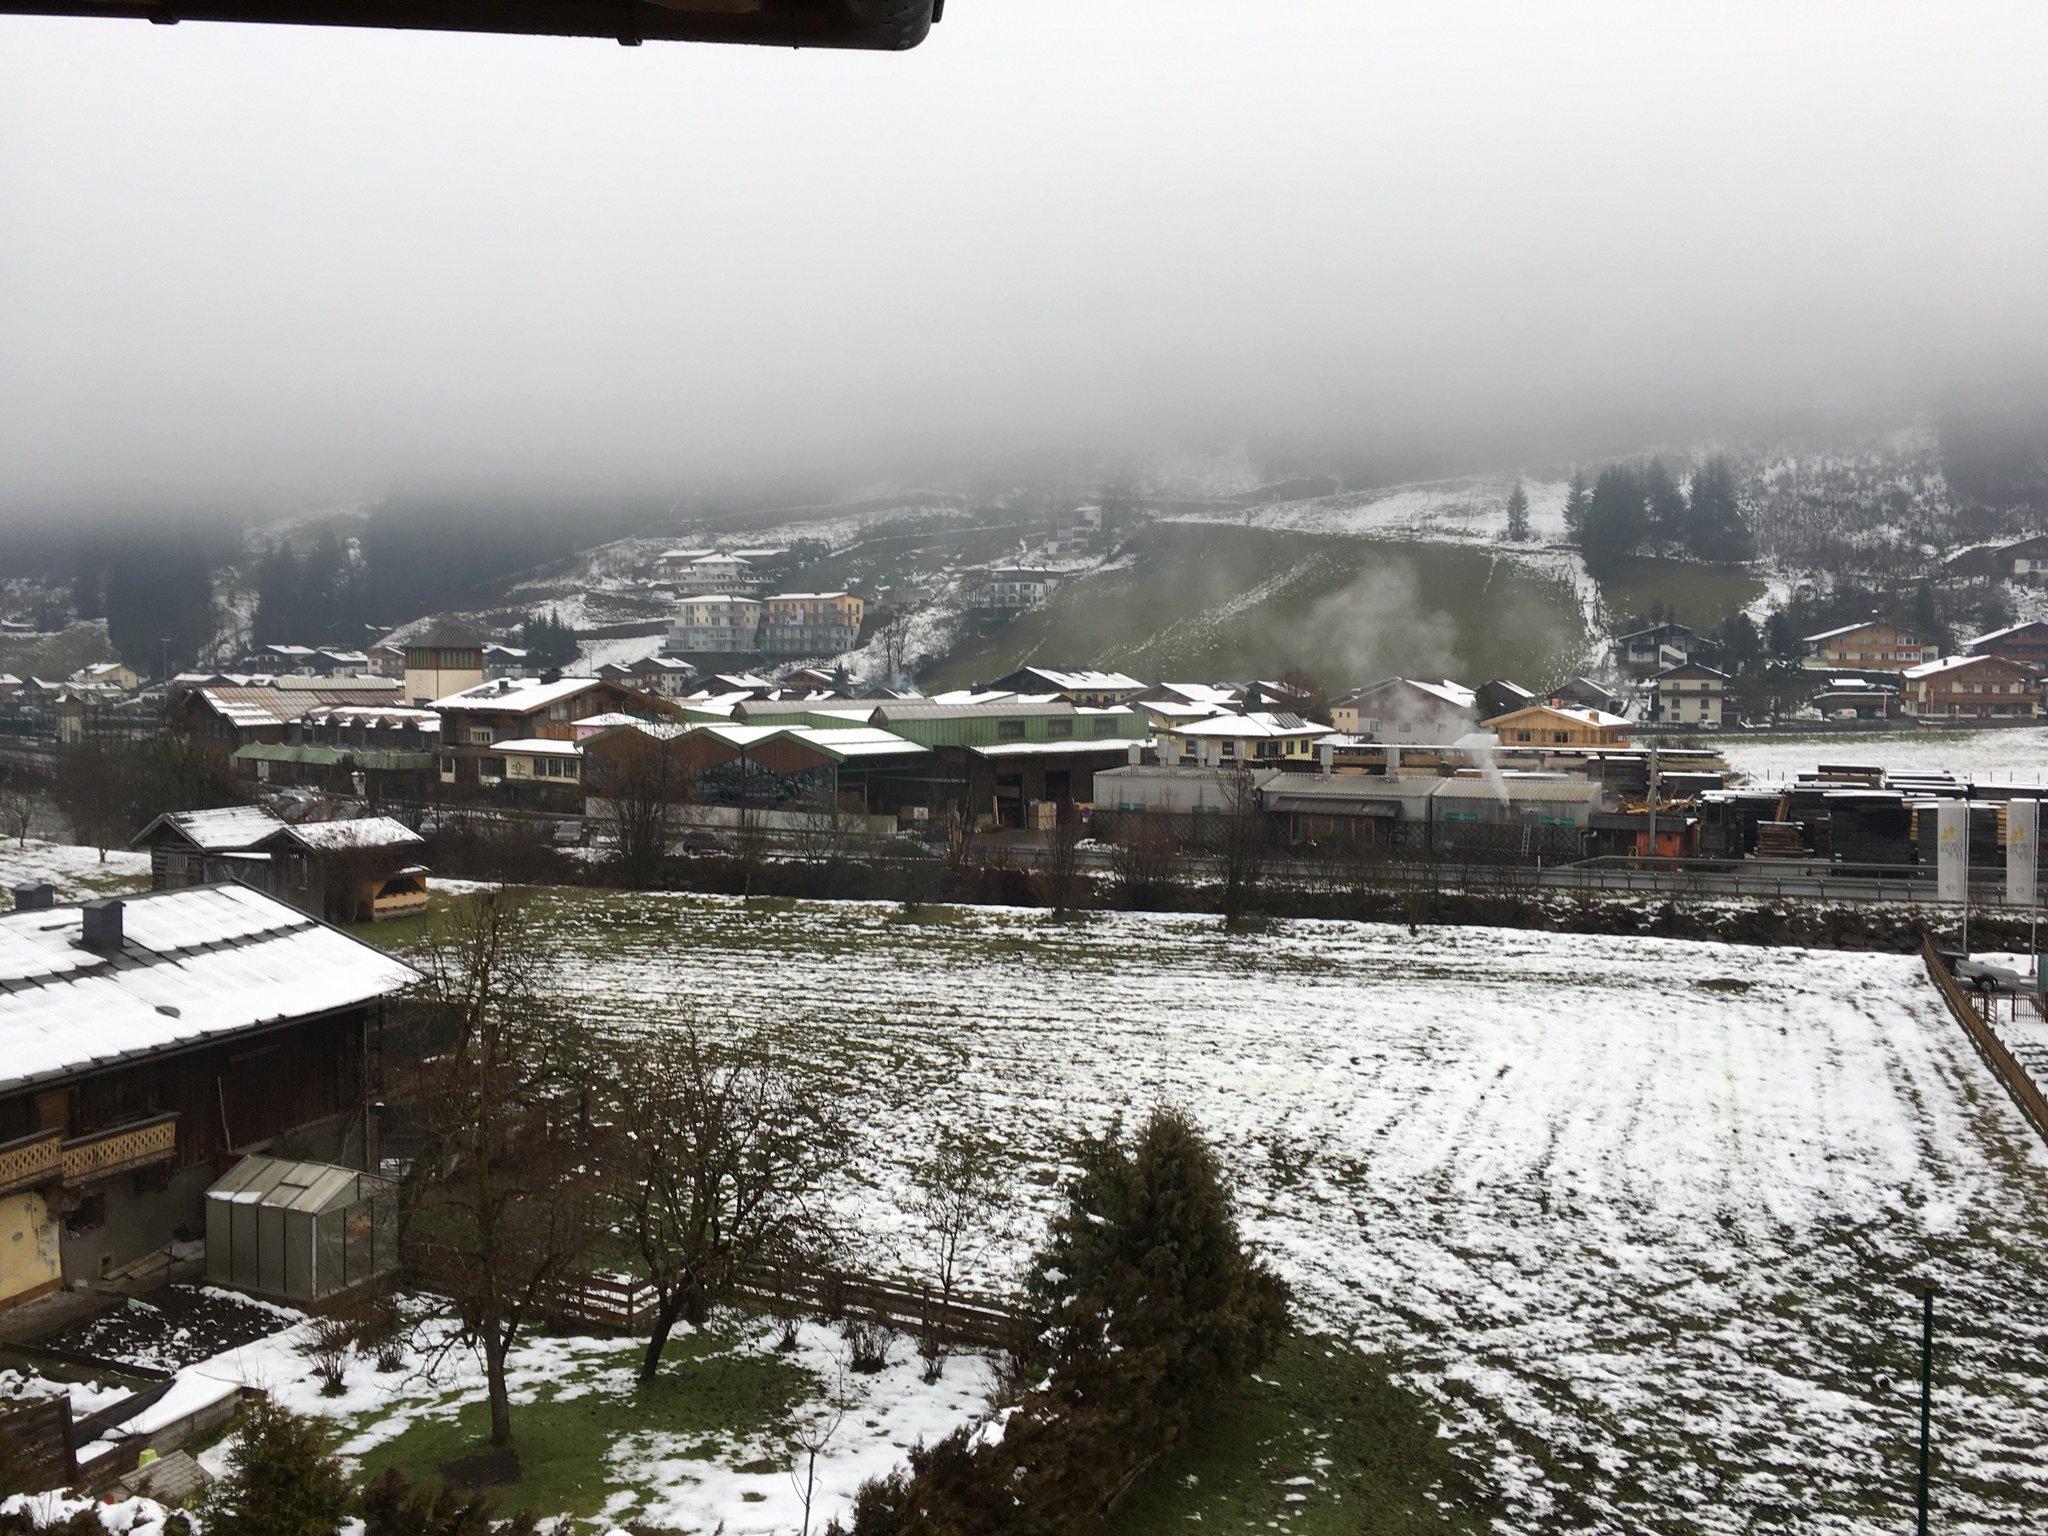 Guten Morgen. Der Schnee verschwindet leider nach und nach #meurers #tauernhof https://t.co/4zioDSiBLC